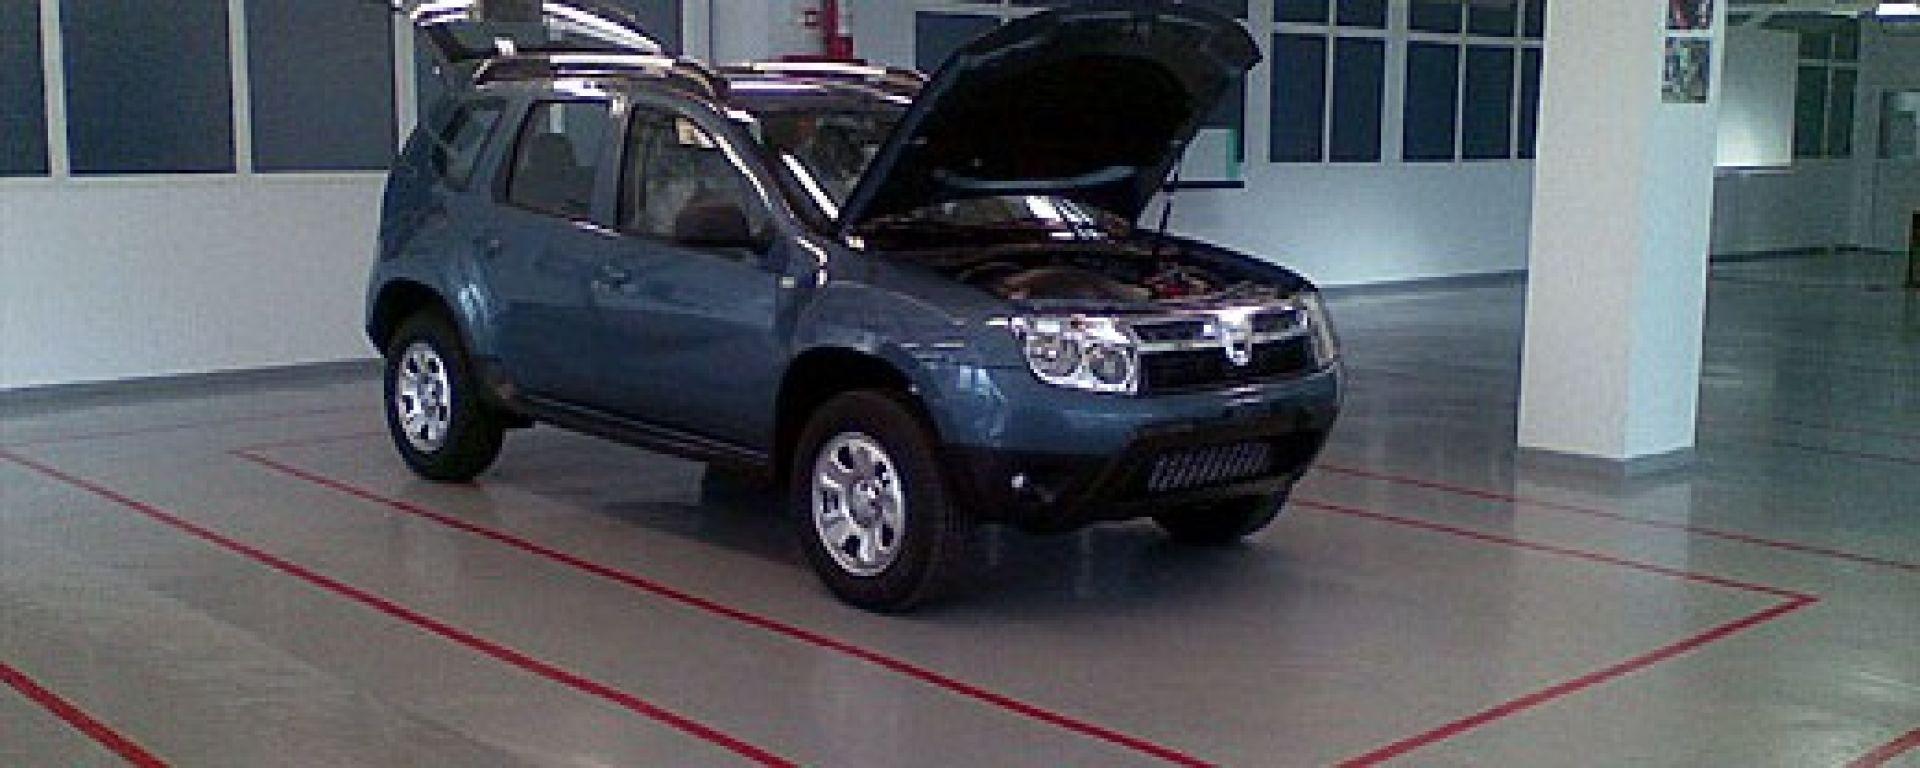 E' il nuovo Suv low-cost Dacia?